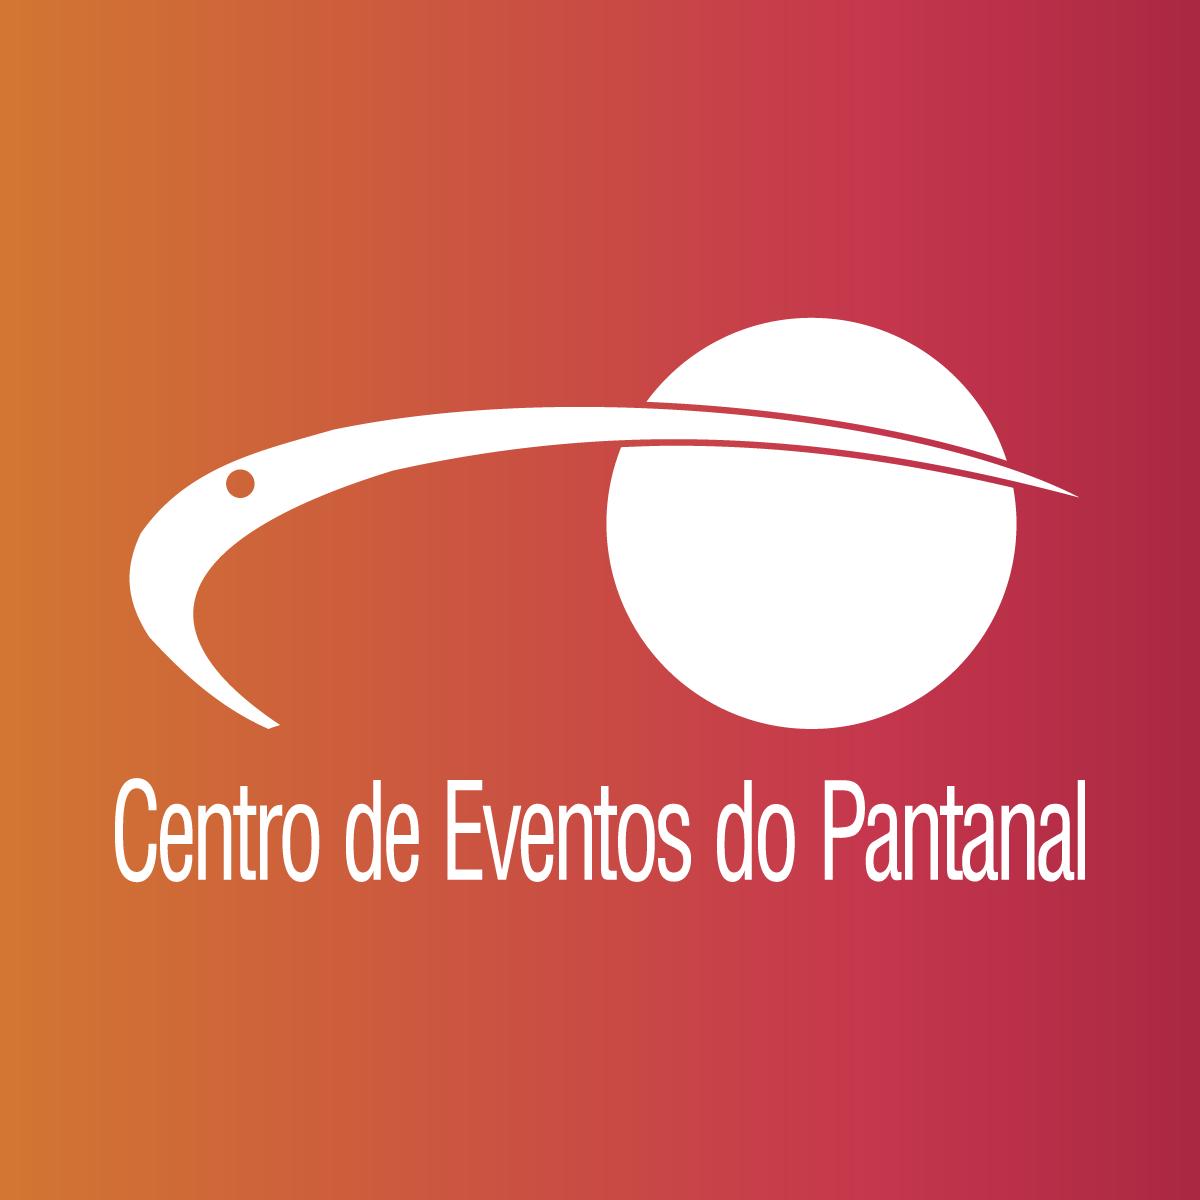 4088 SEBRAE - SERVIÇO DE APOIO AS MICROS E PEQUENAS EMPRESAS DE MATO GROSSO